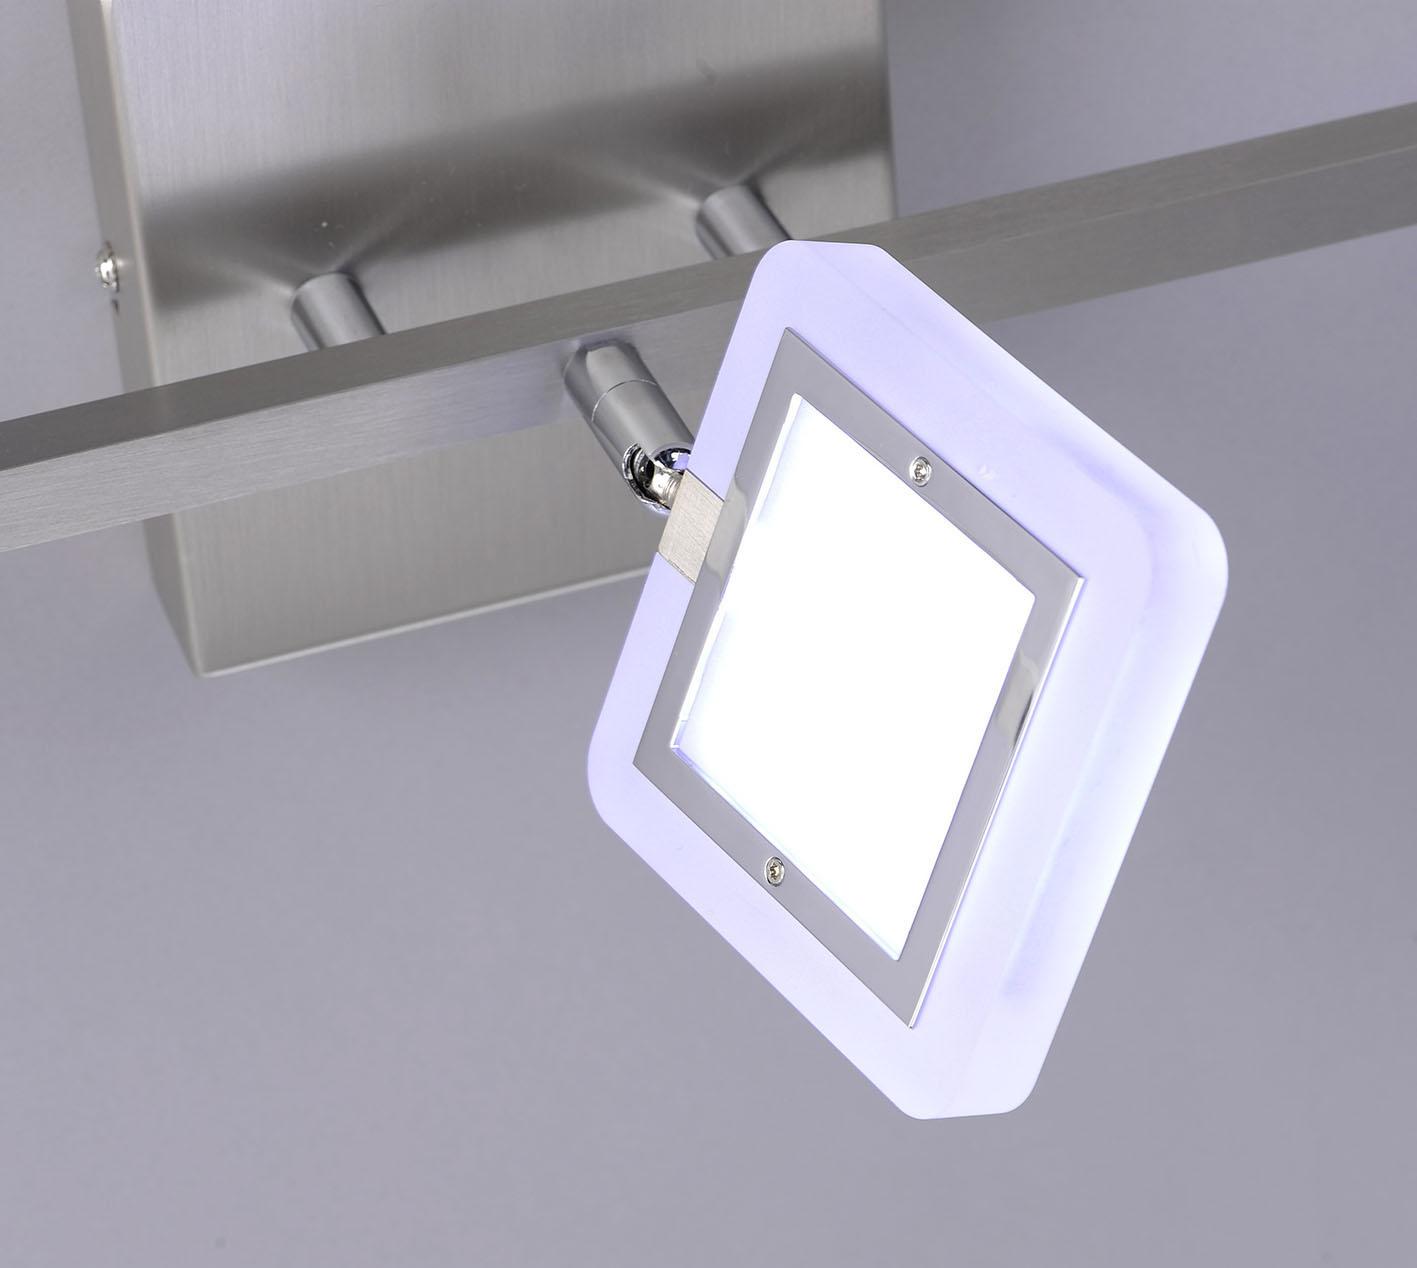 Q-VIDAL LED Deckenleuchte, Smart Home, 3-flammig, verstellbare Spots (Auslauf)